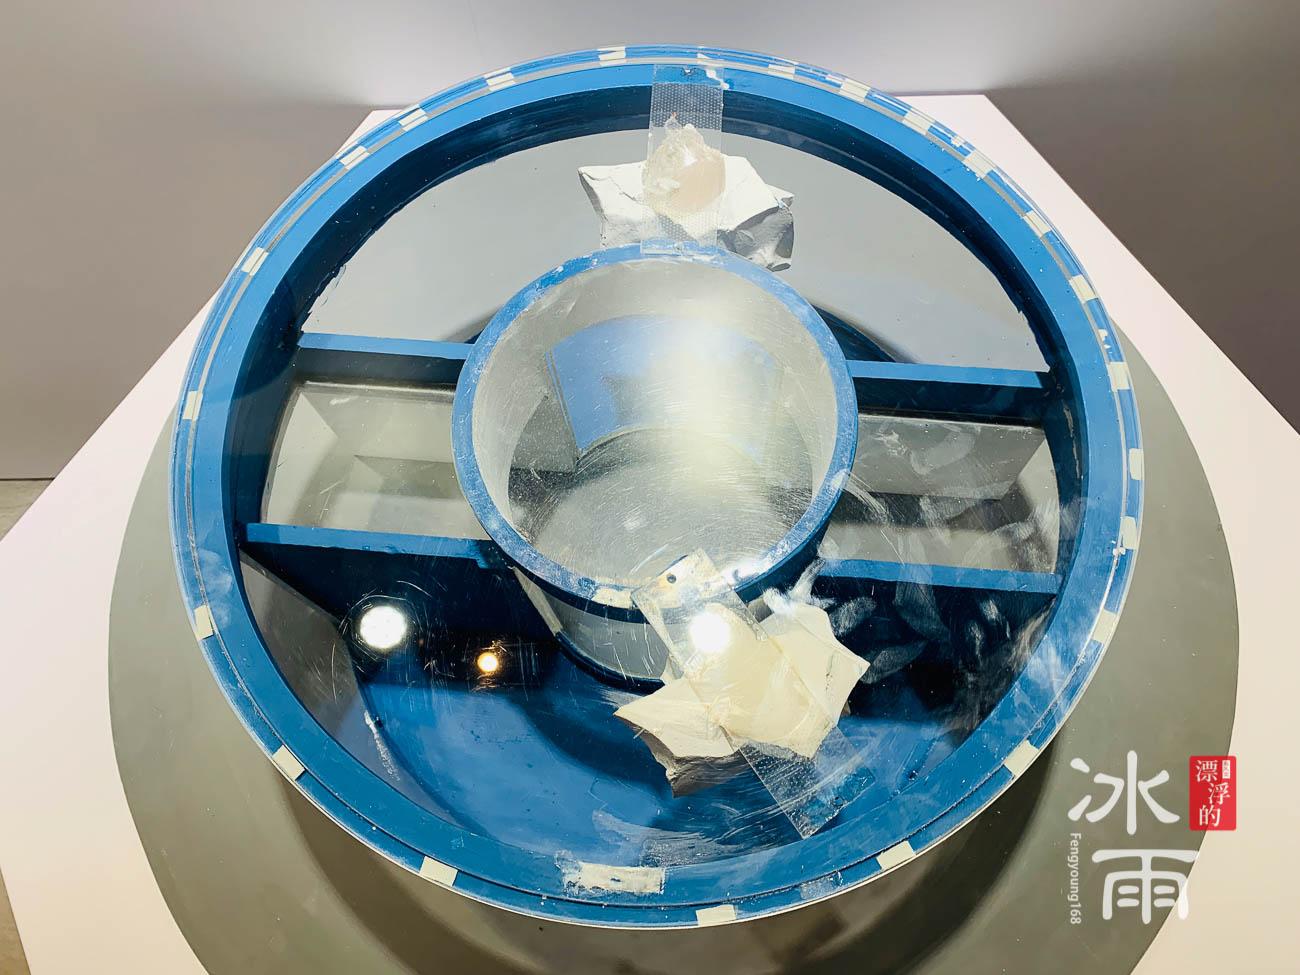 Xpark概念館|海豹缸模型